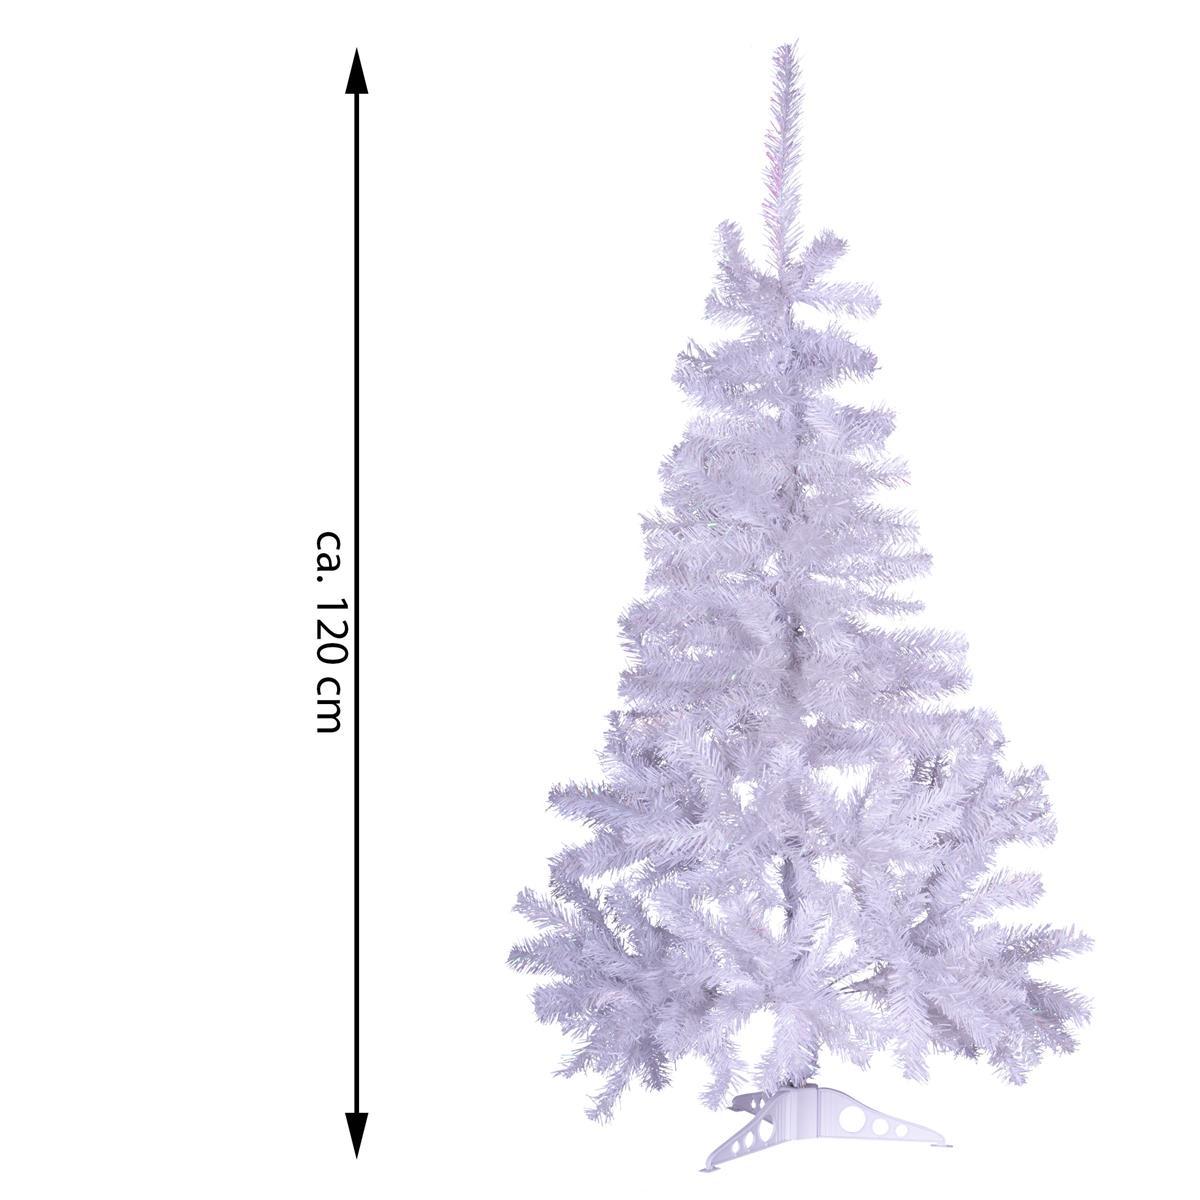 Durchmesser Weihnachtsbaum.Weihnachtsbaum Weiß Mit Glitzereffekt 120 Cm Christbaum Mit